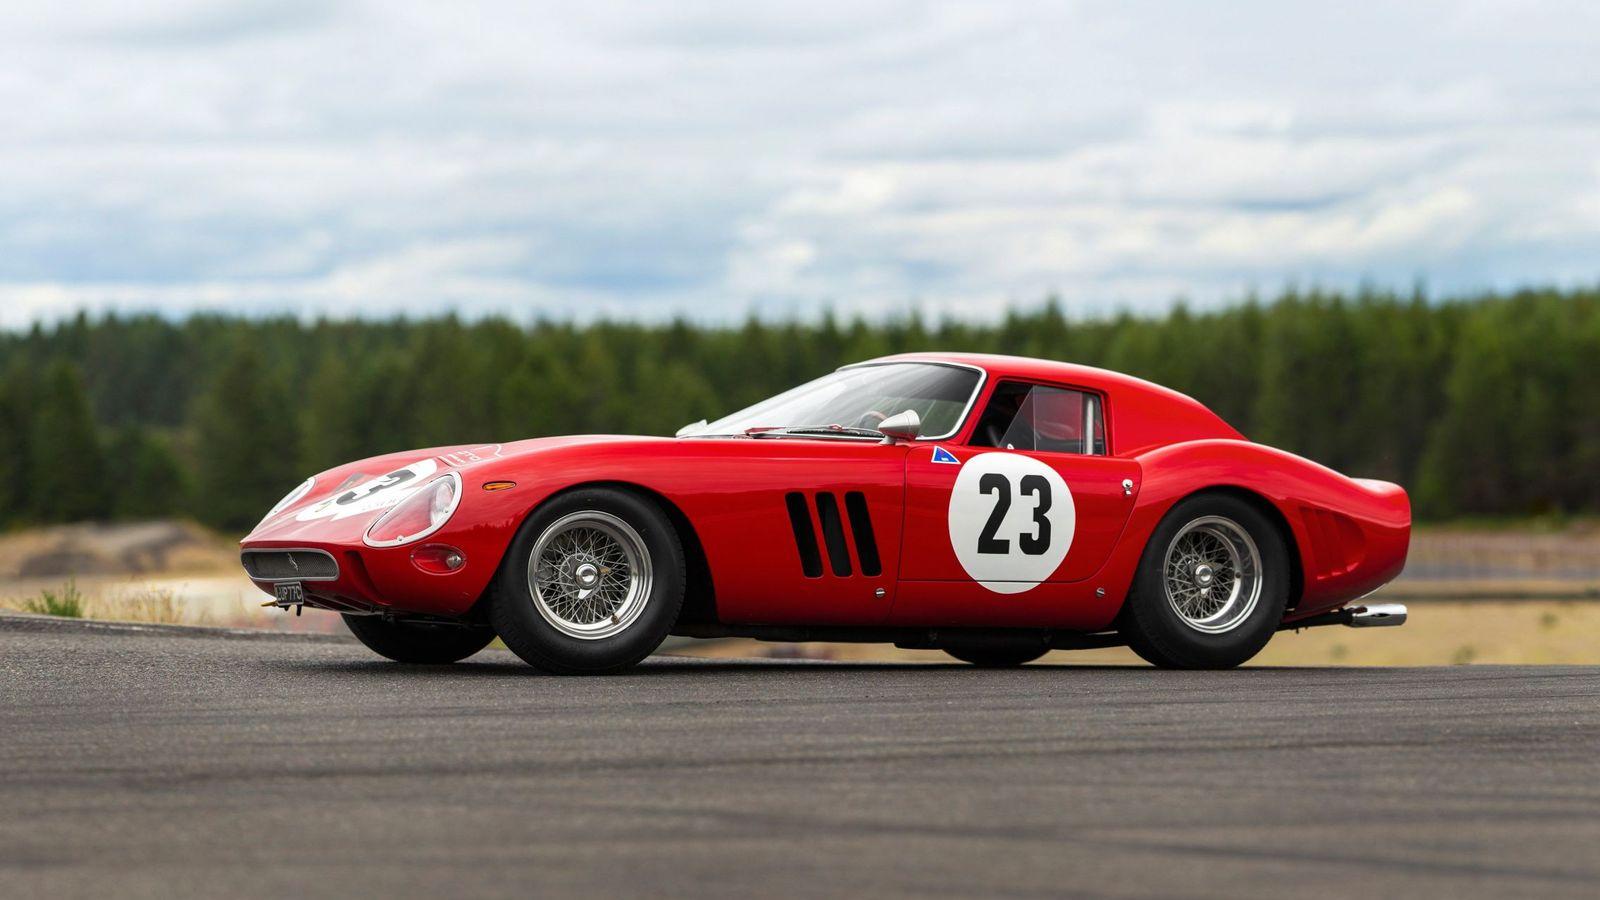 5dddbcf2400 Ferrari  El Ferrari 250 GTO bate un nuevo récord  ya es el coche a subasta  más caro del mundo